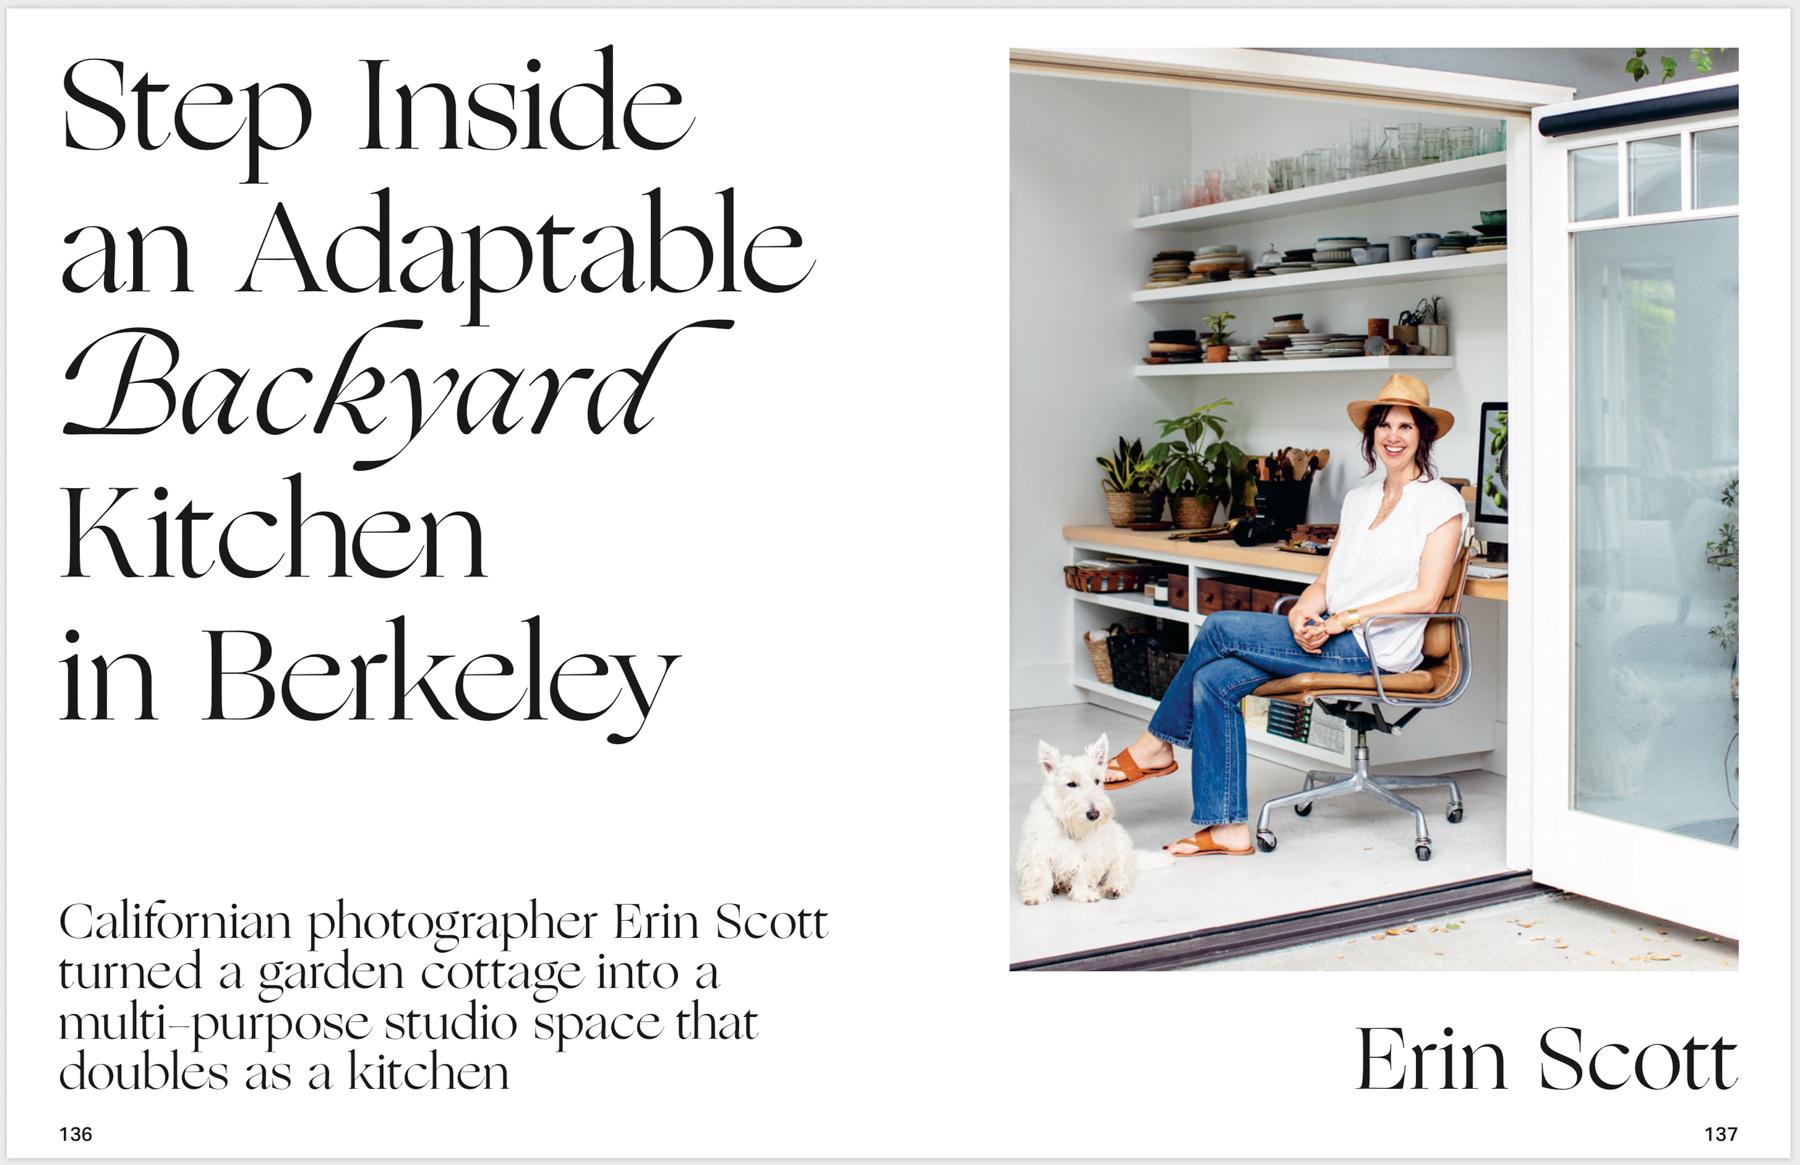 erinscottphotography_studio_Gestalten--2.jpg